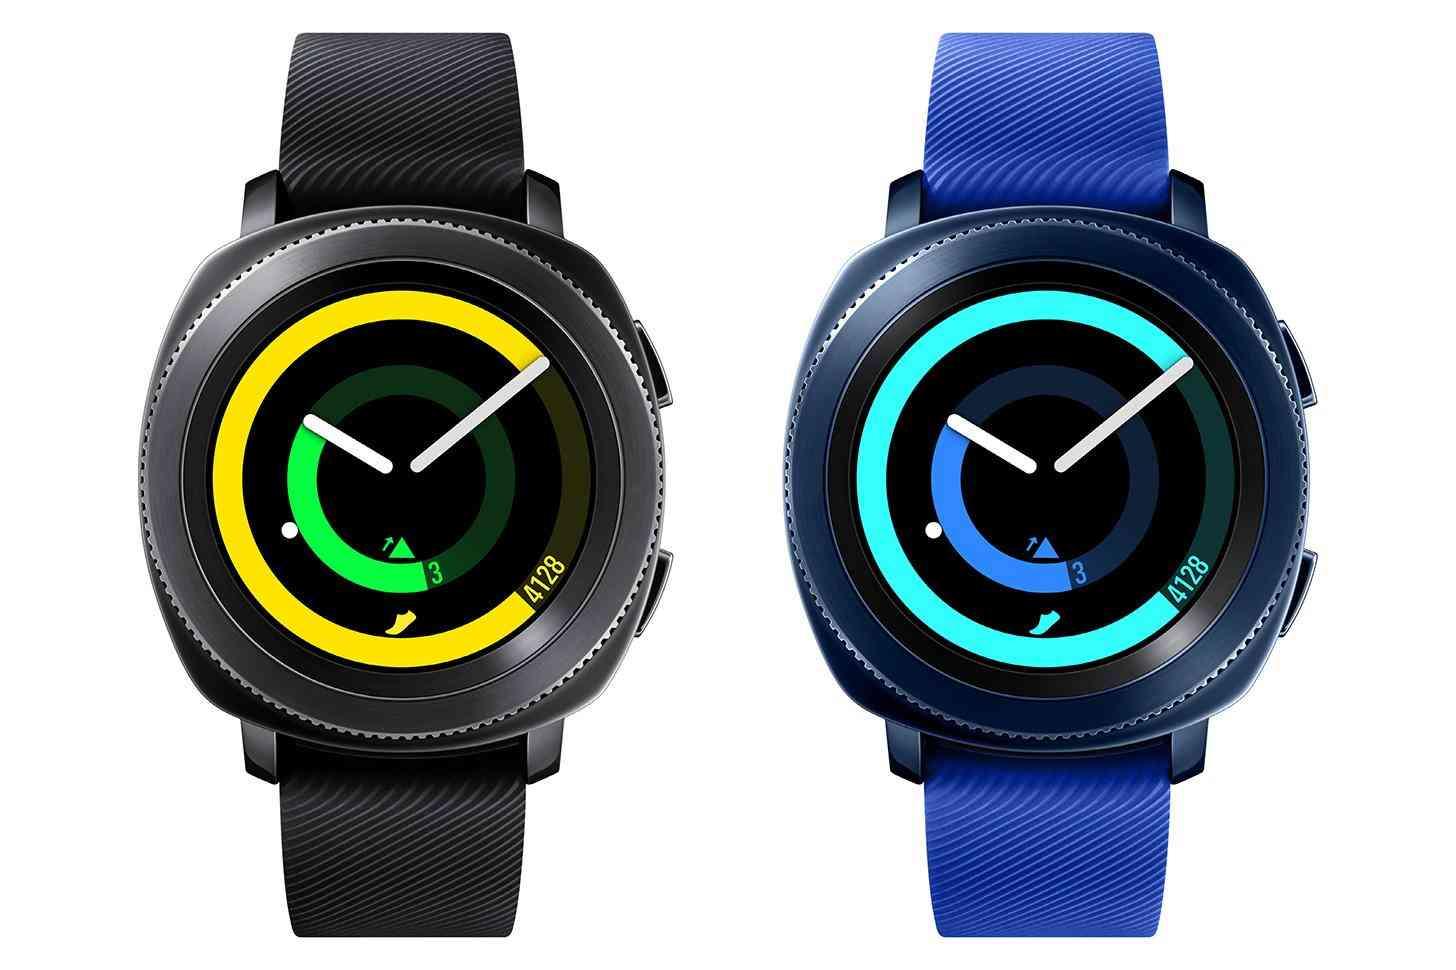 Samsung Gear Sport smartwatch official